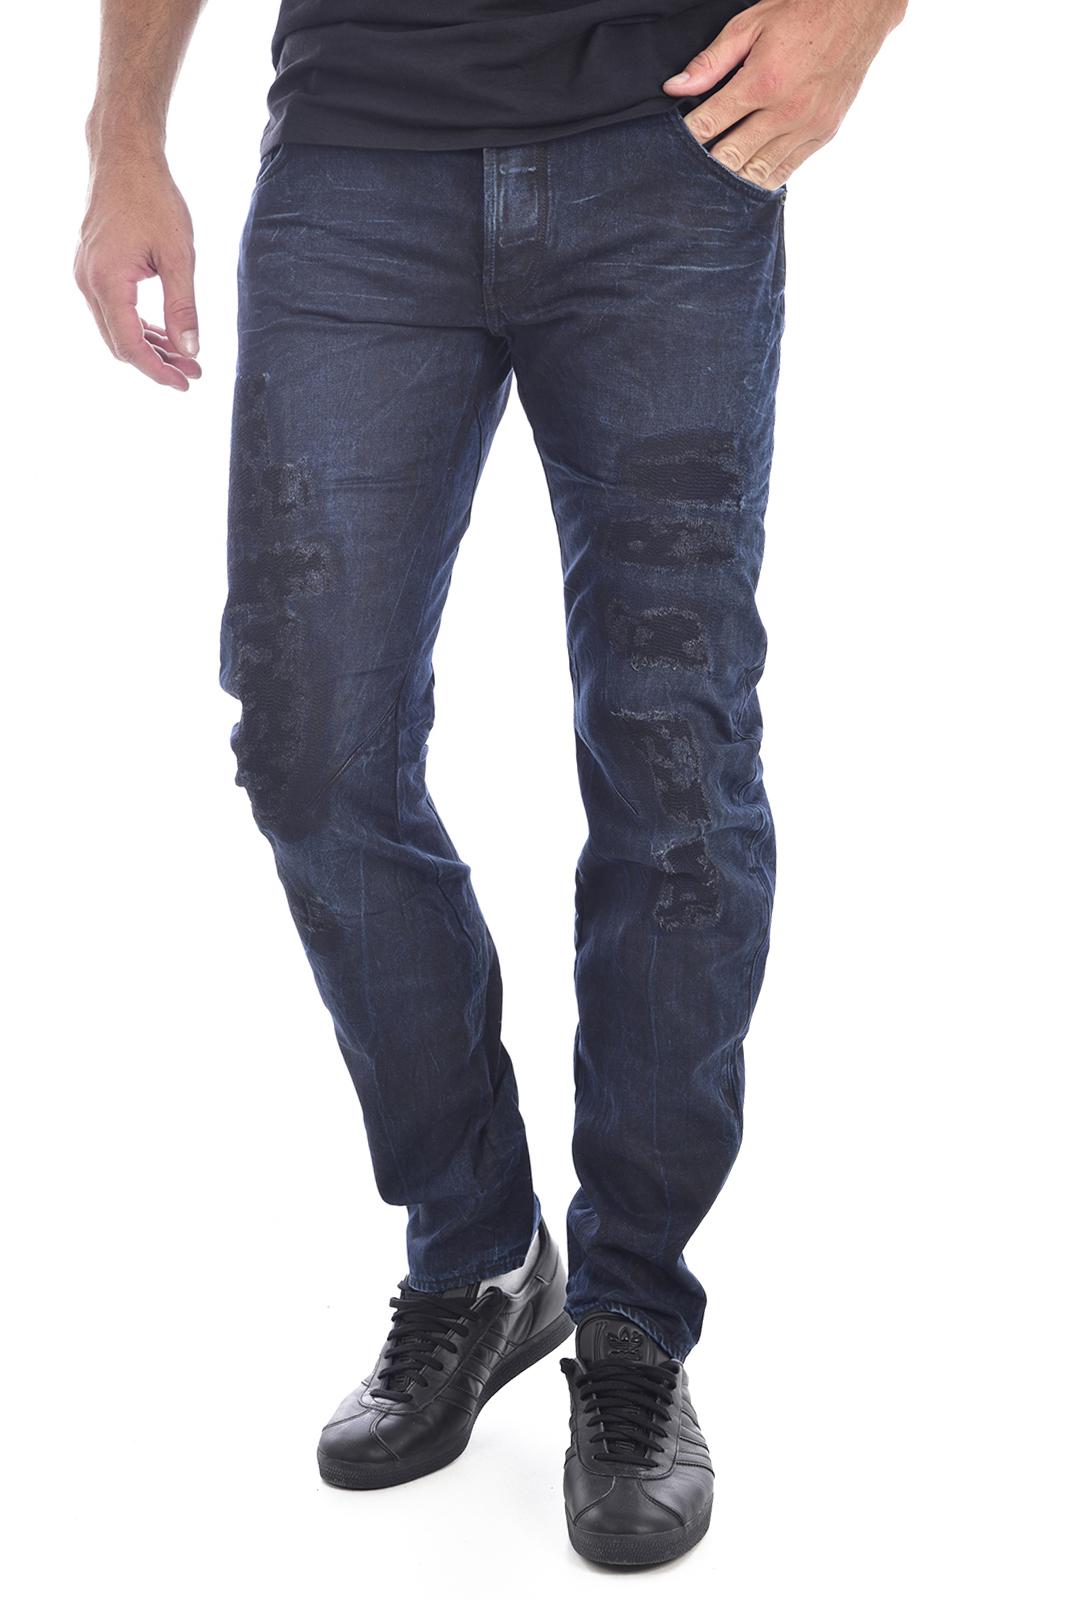 Jeans  G-star 51030F-7244-5742 arc bleu